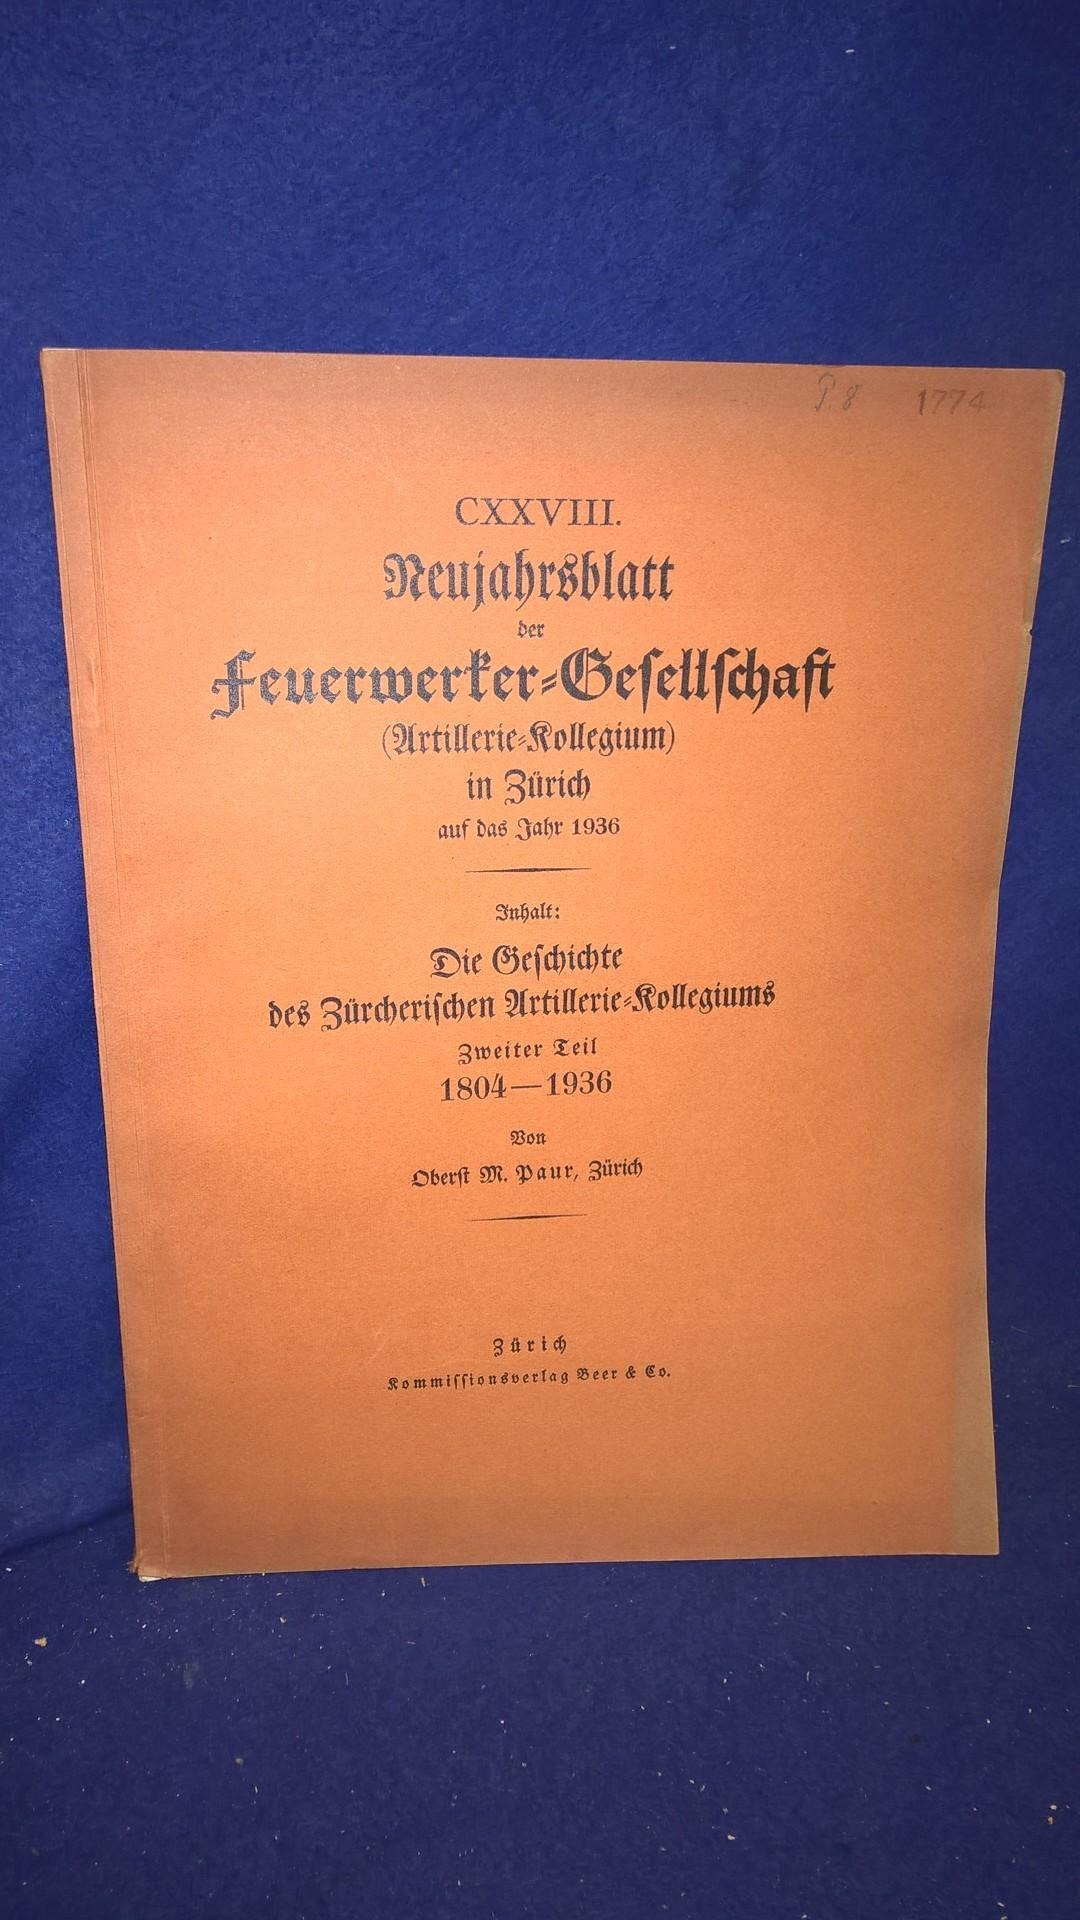 Die Geschichte des Zürcherischen Artillerie-Kollegiums, 2.Teil: 1804-1936. Aus der Reihe: Neujahrsblatt der Feuerwerker-Gesellschaft ( Artillerie-Kollegium ) in Zürich auf das Jahr 1936.